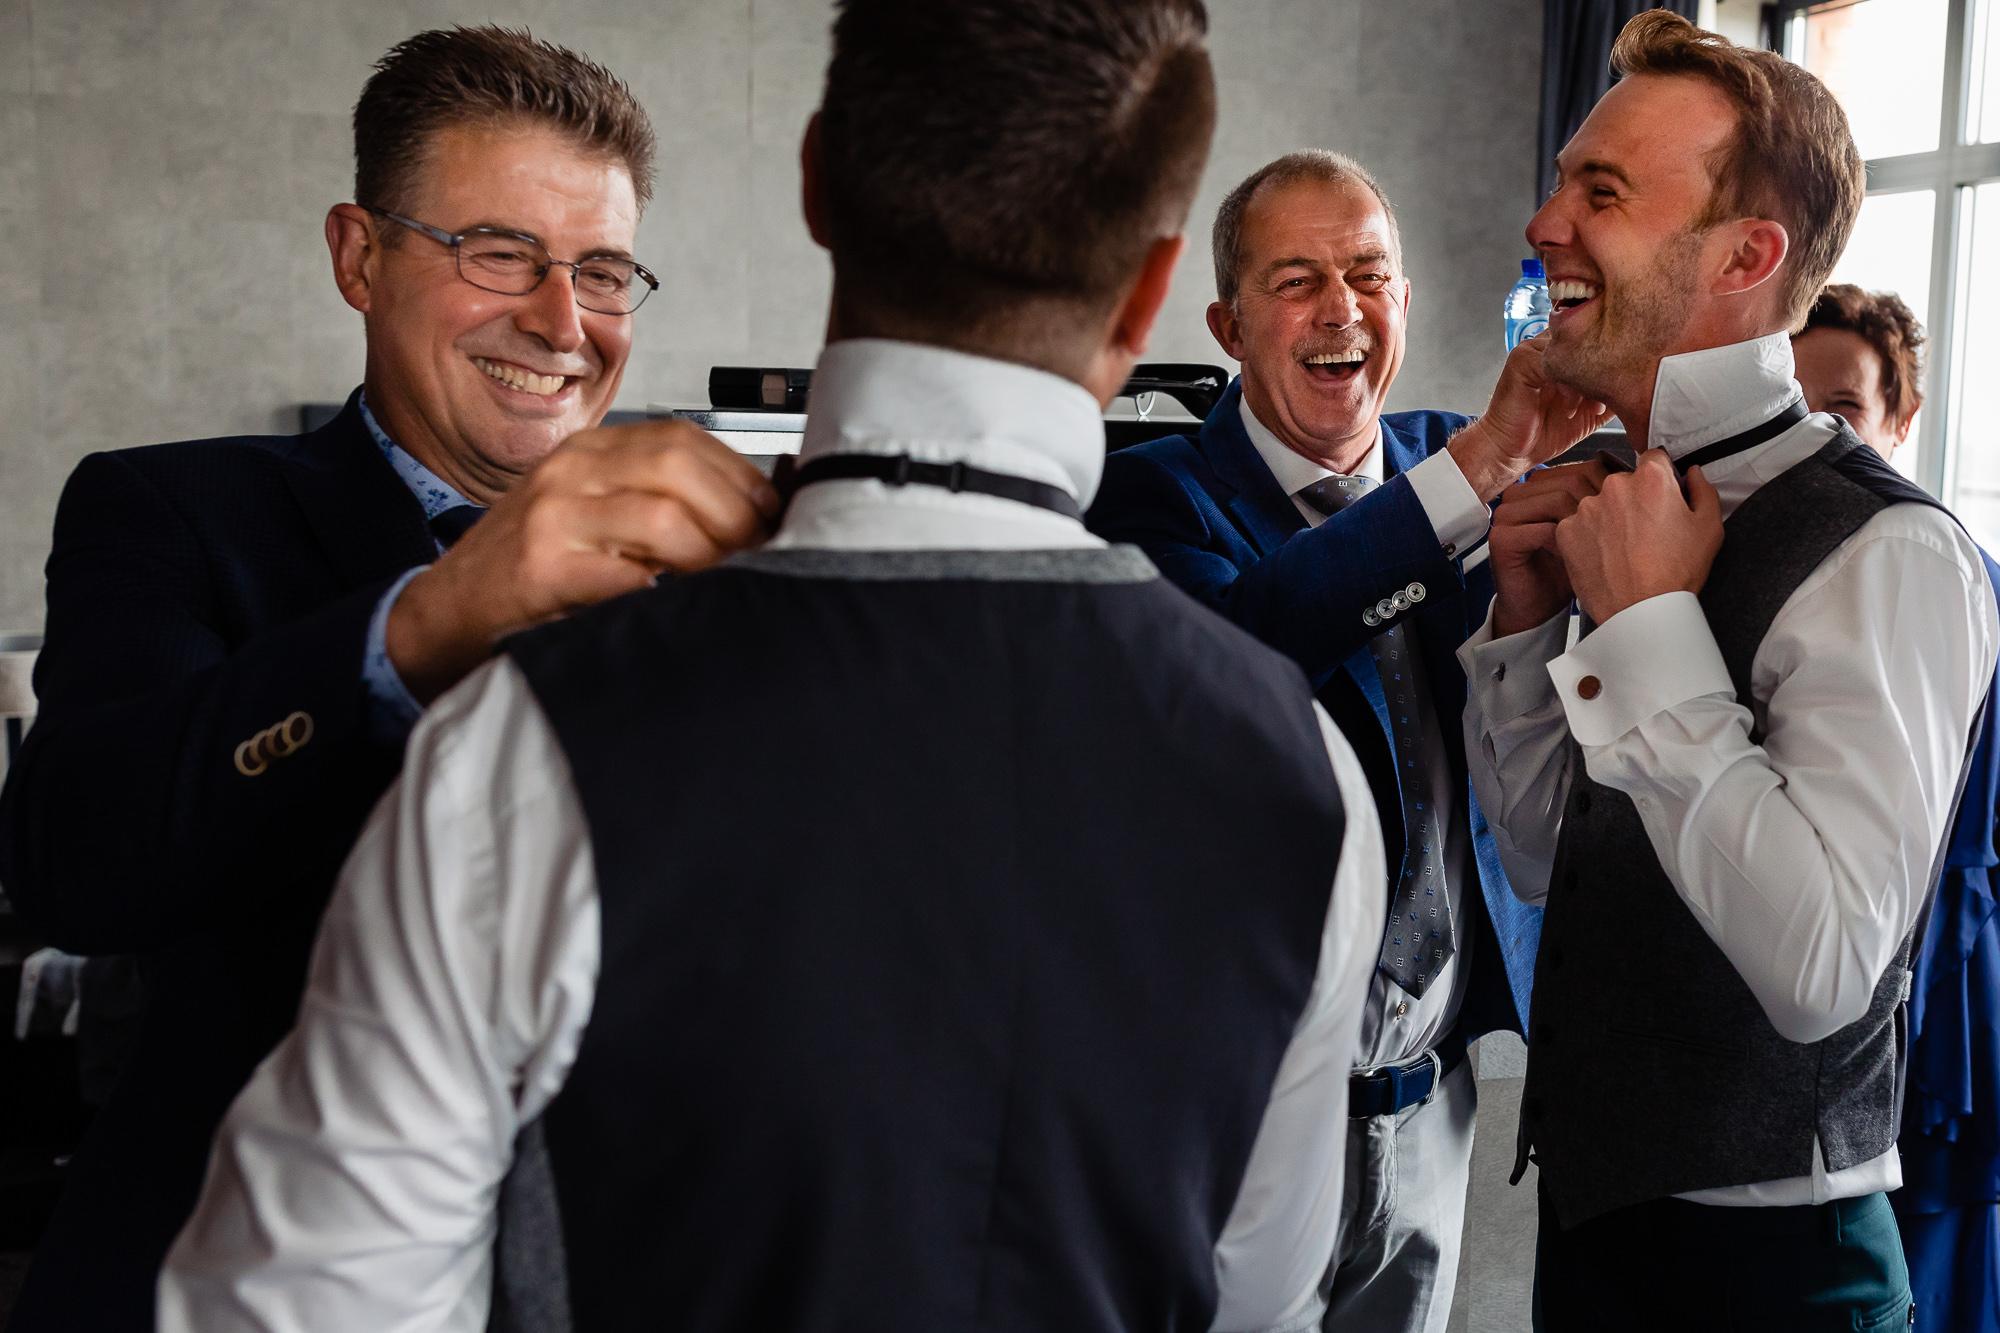 Vaders van de bruidegommen helpen beiden mee met het aankleden van hun zoons